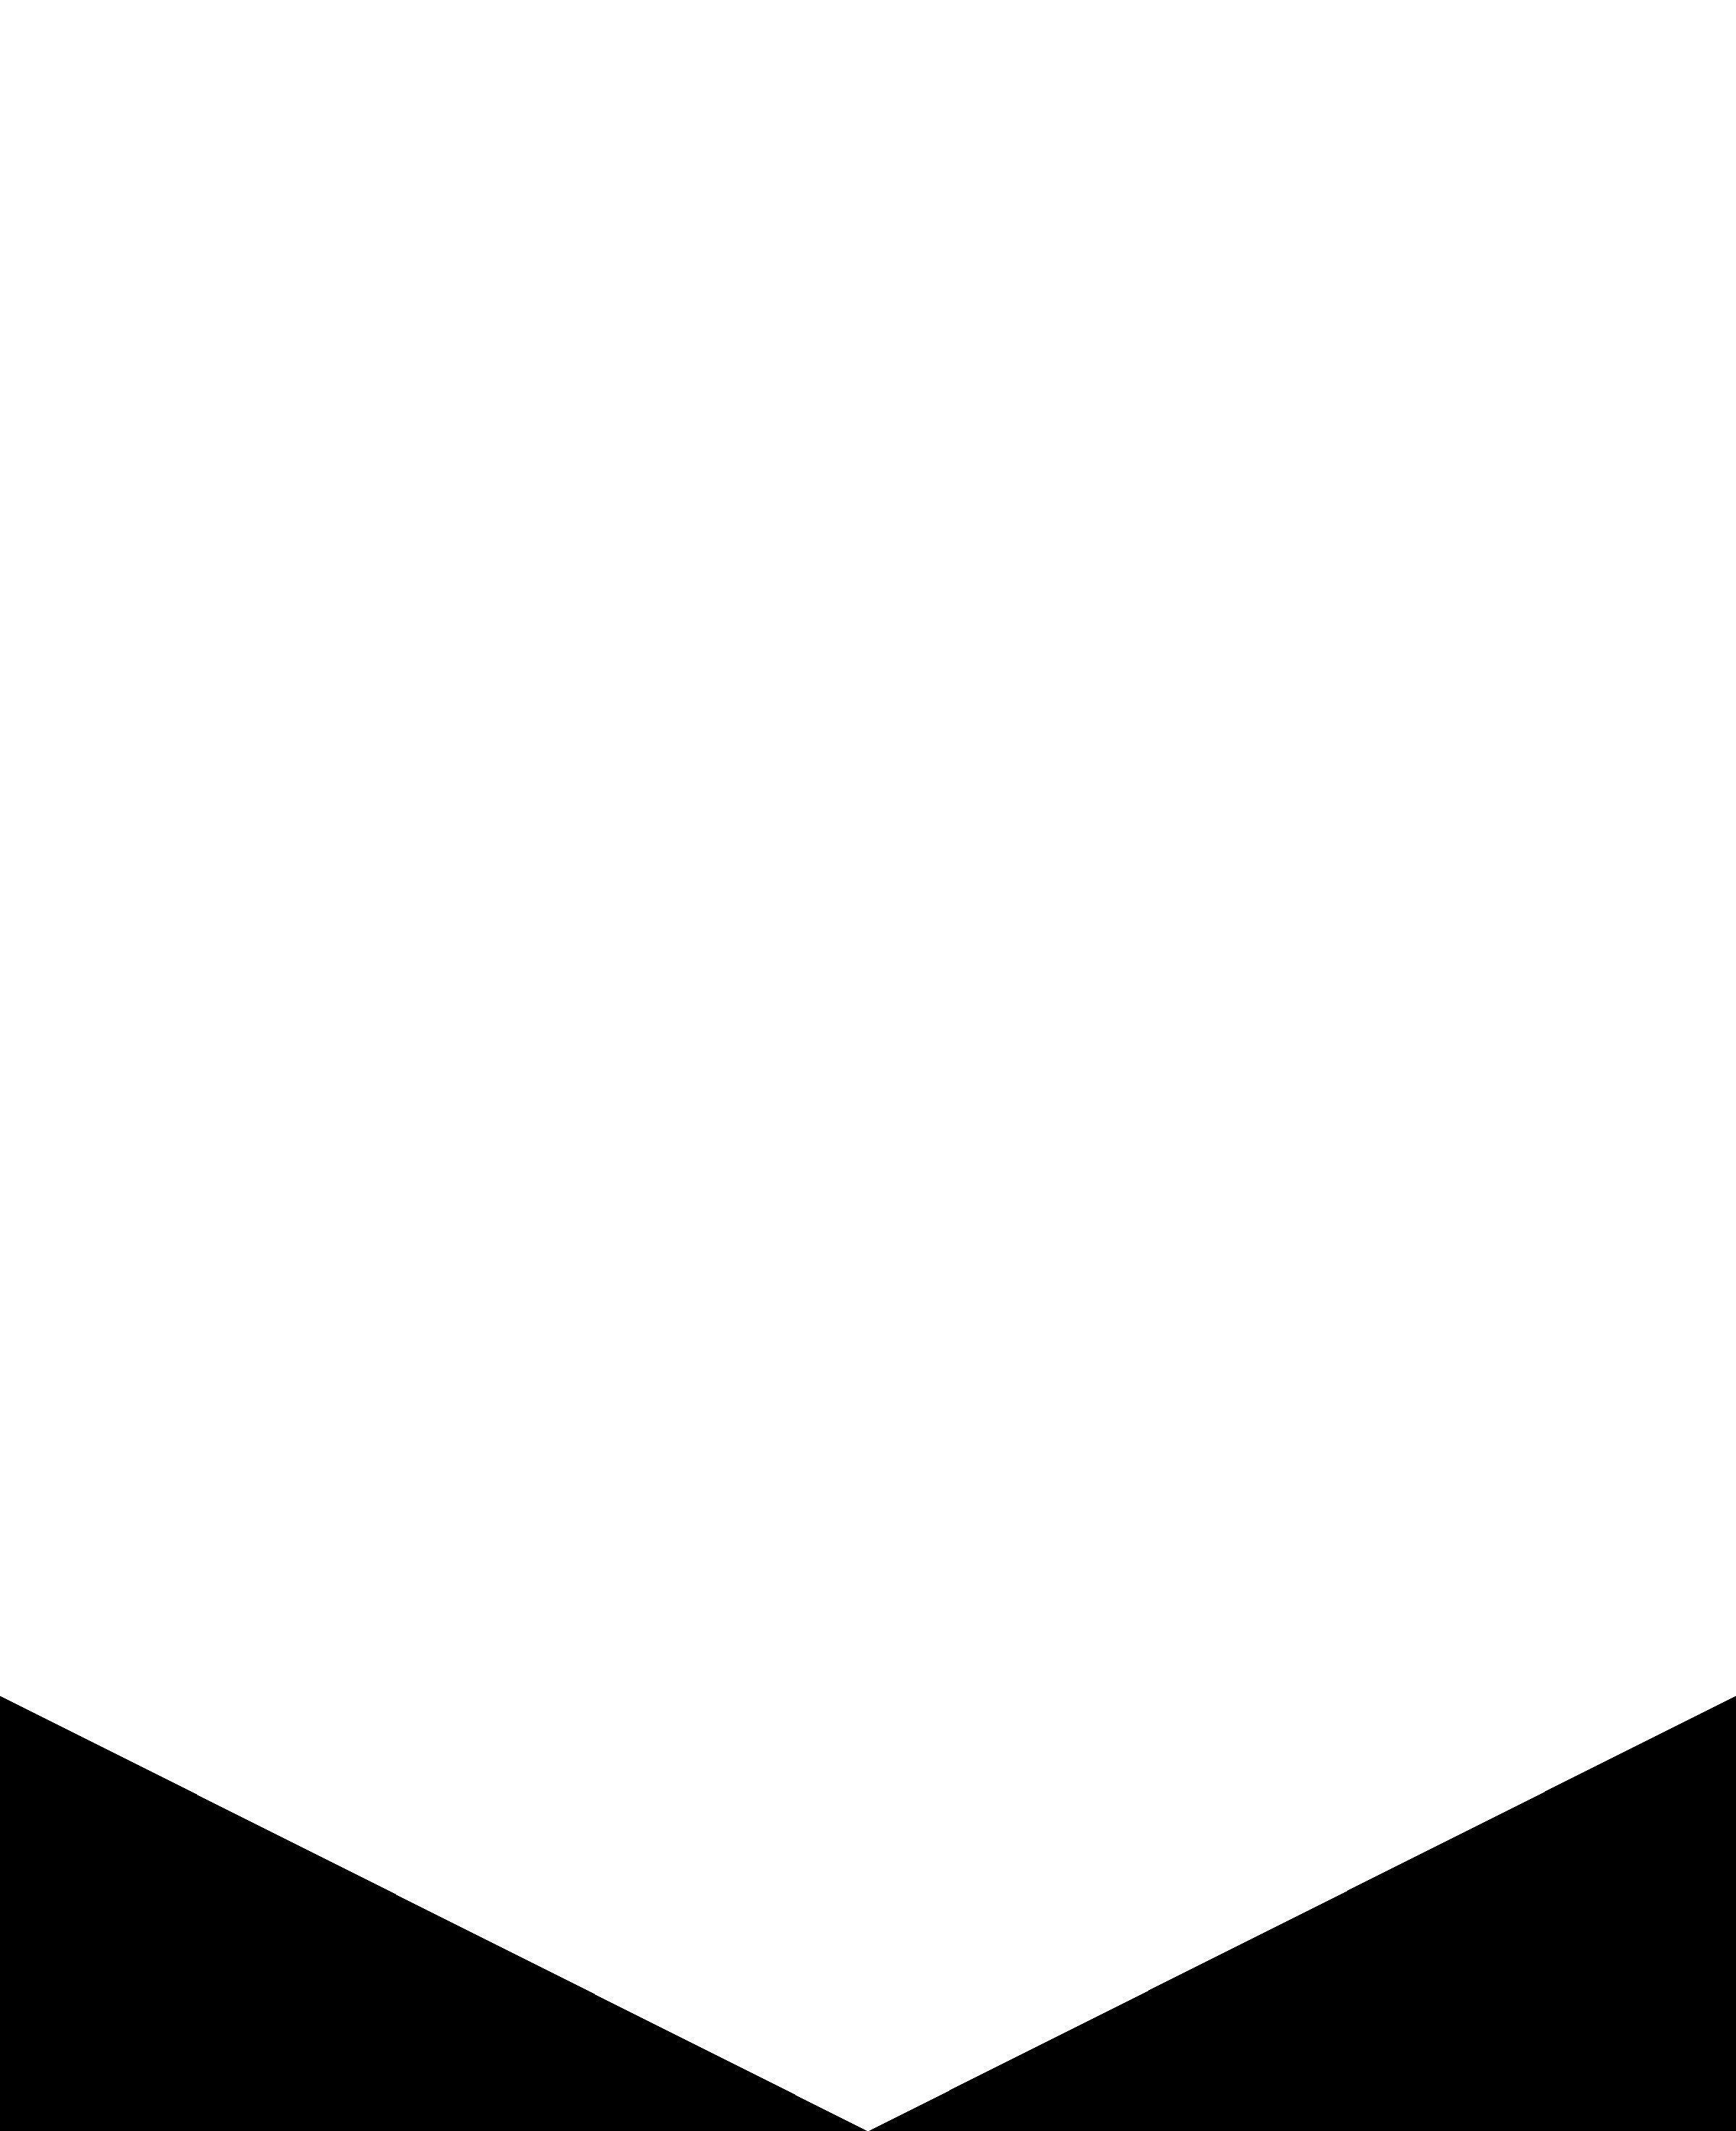 Cristal Logo PNG Transparent & SVG Vector.